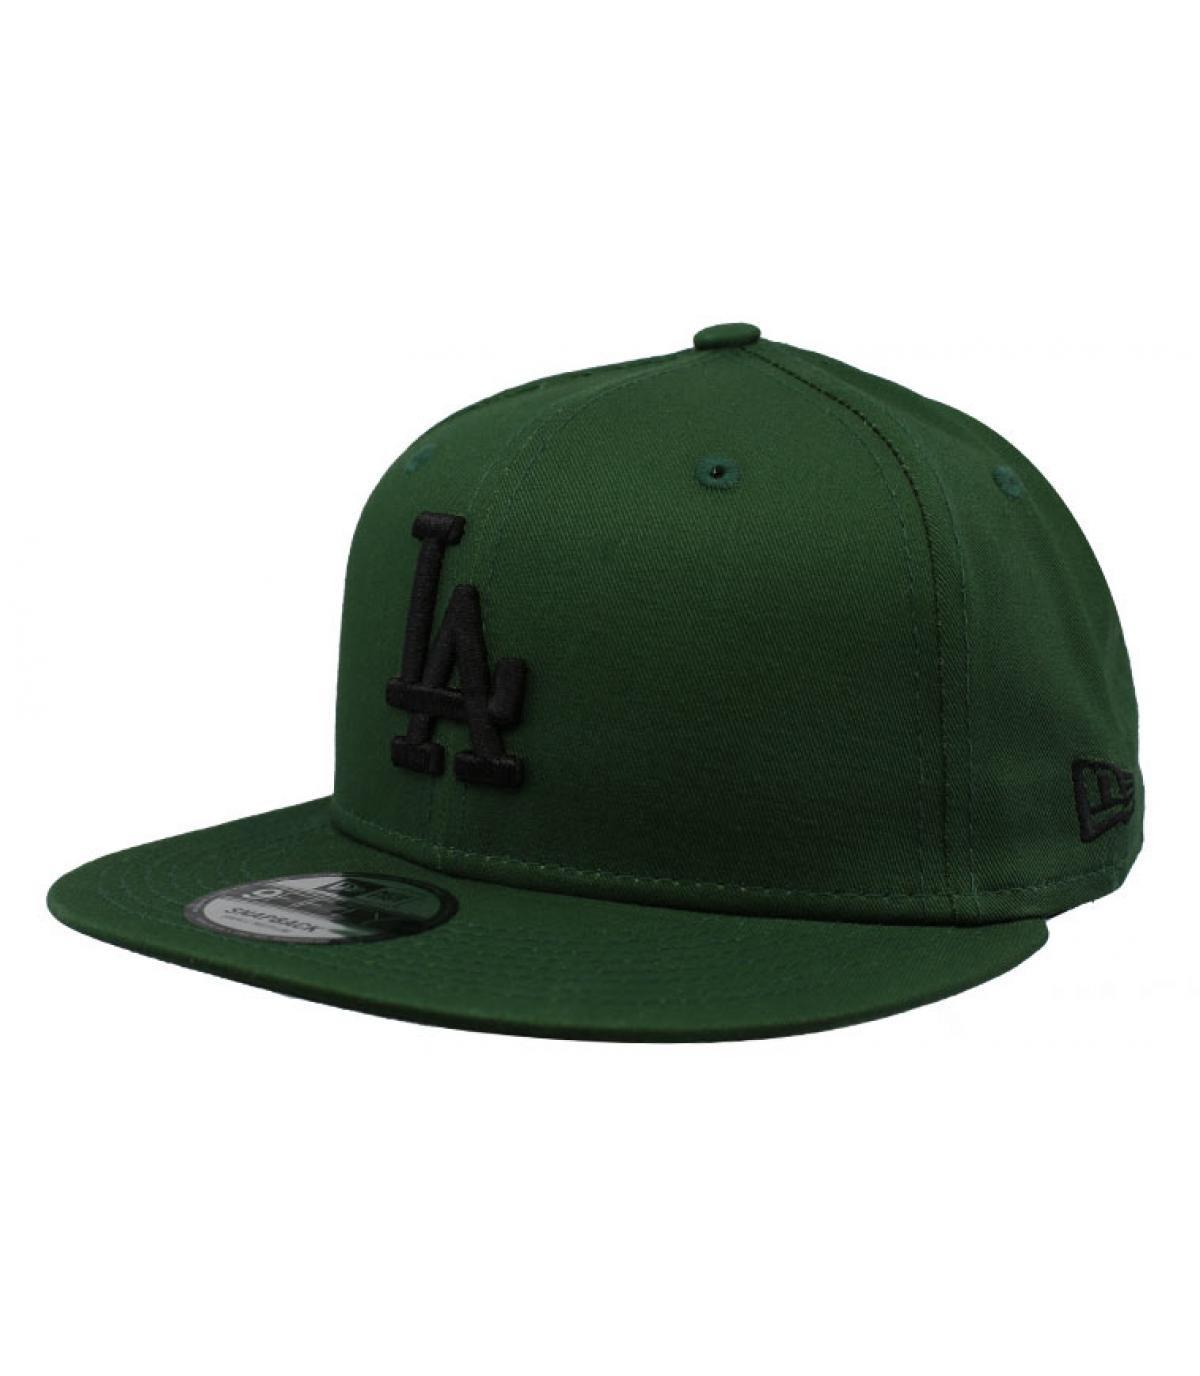 Détails Snapback League Ess LA 950 hooley green black - image 2